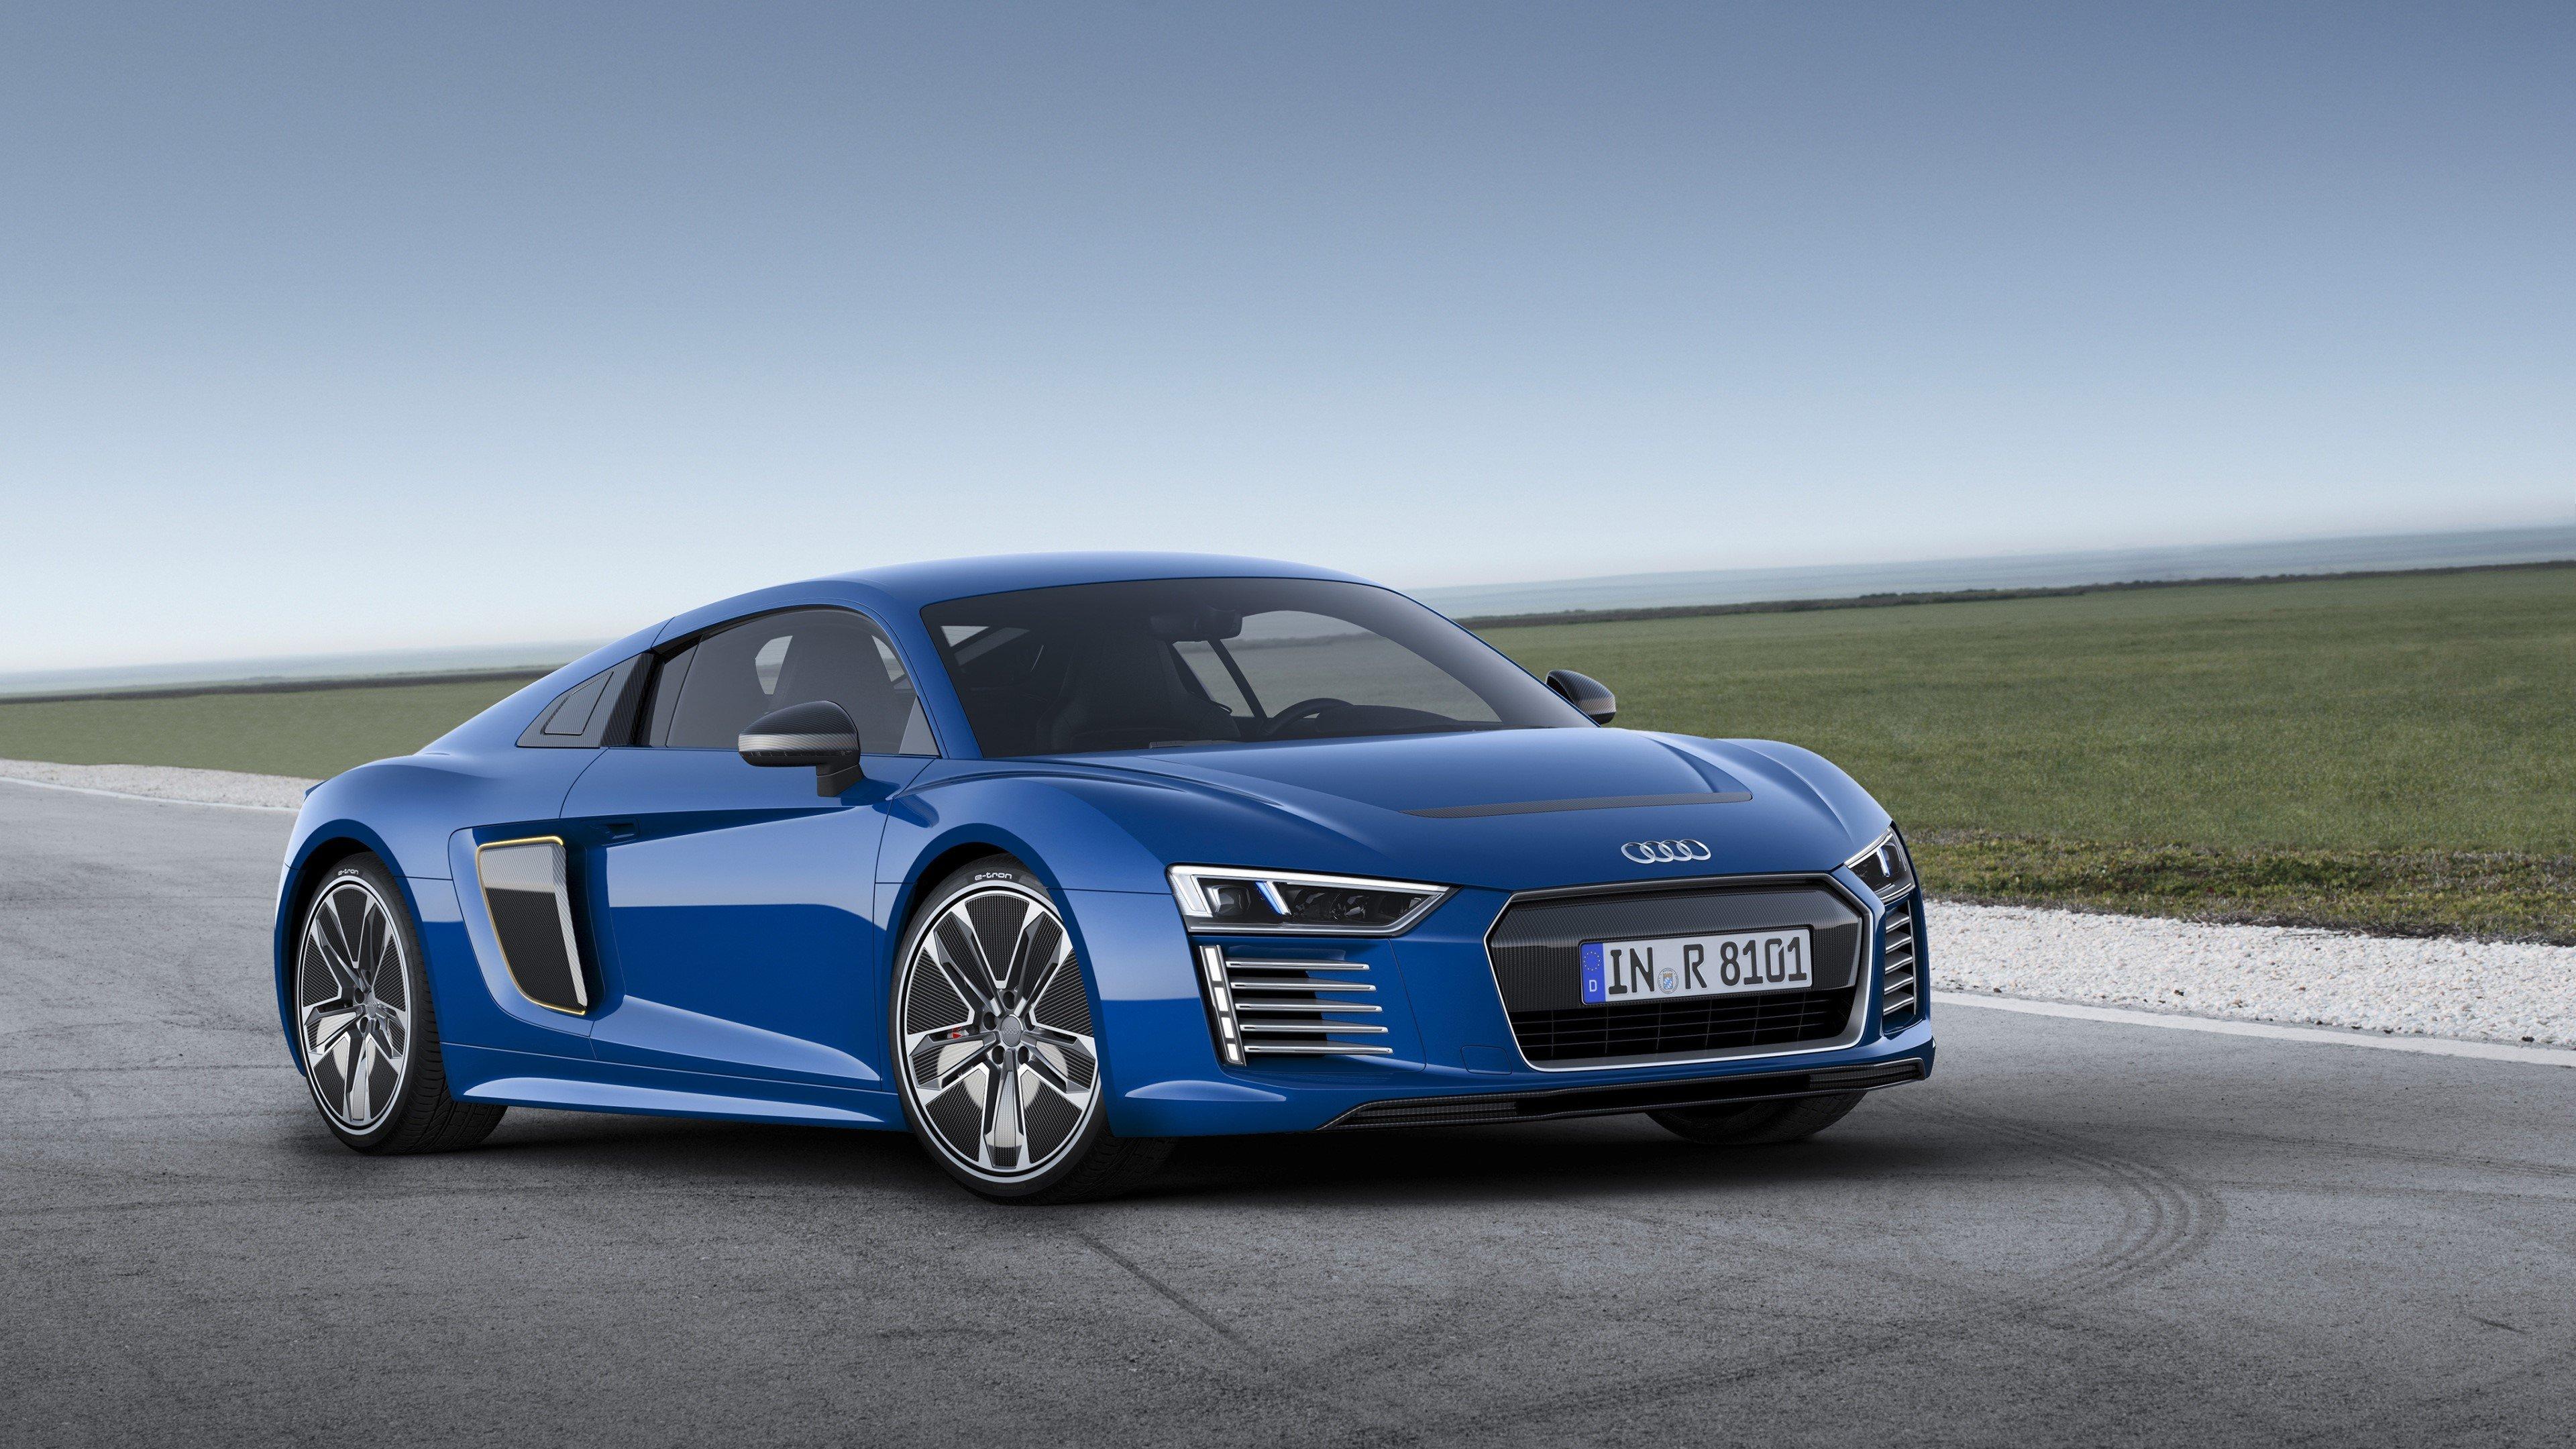 Fondo de pantalla de Audi R8 E Tron Azul de lado Imágenes